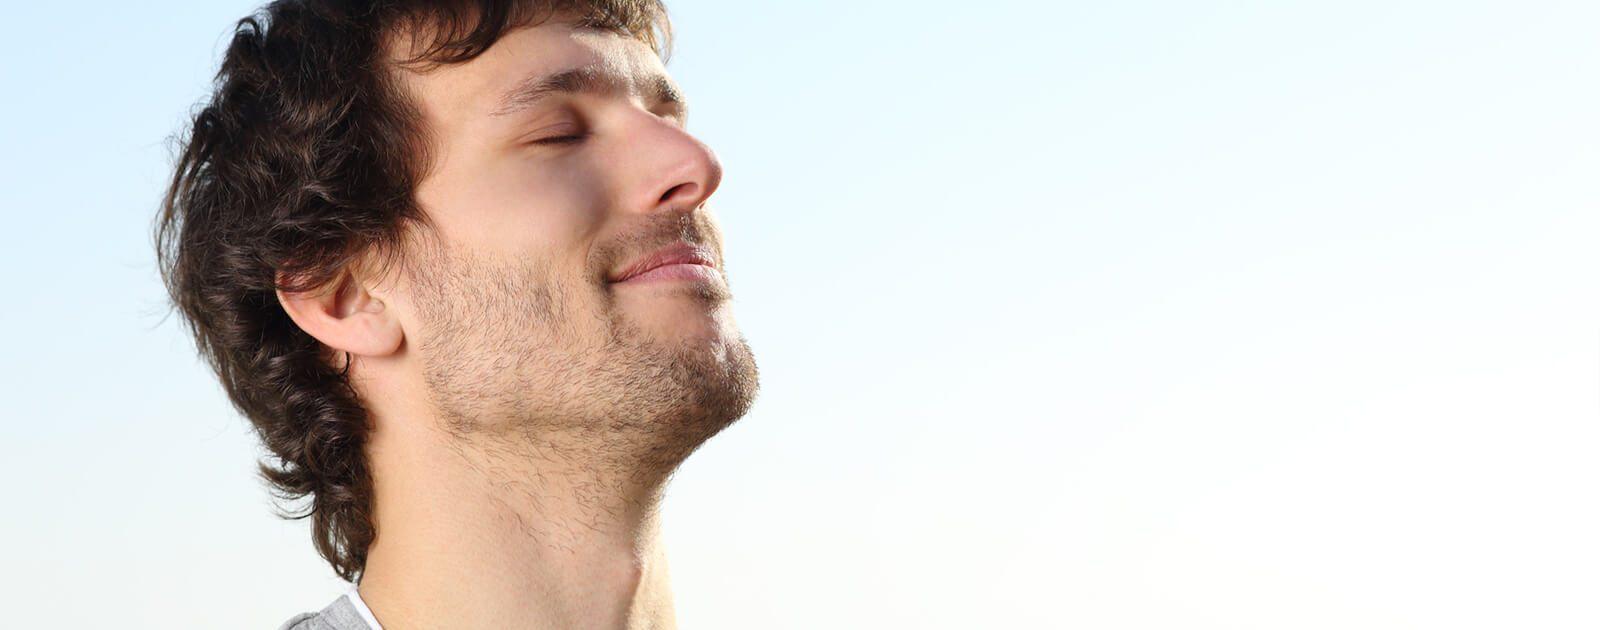 Symbolbild Nasennebenhöhlen – Mann atmet bewusst durch die Nase